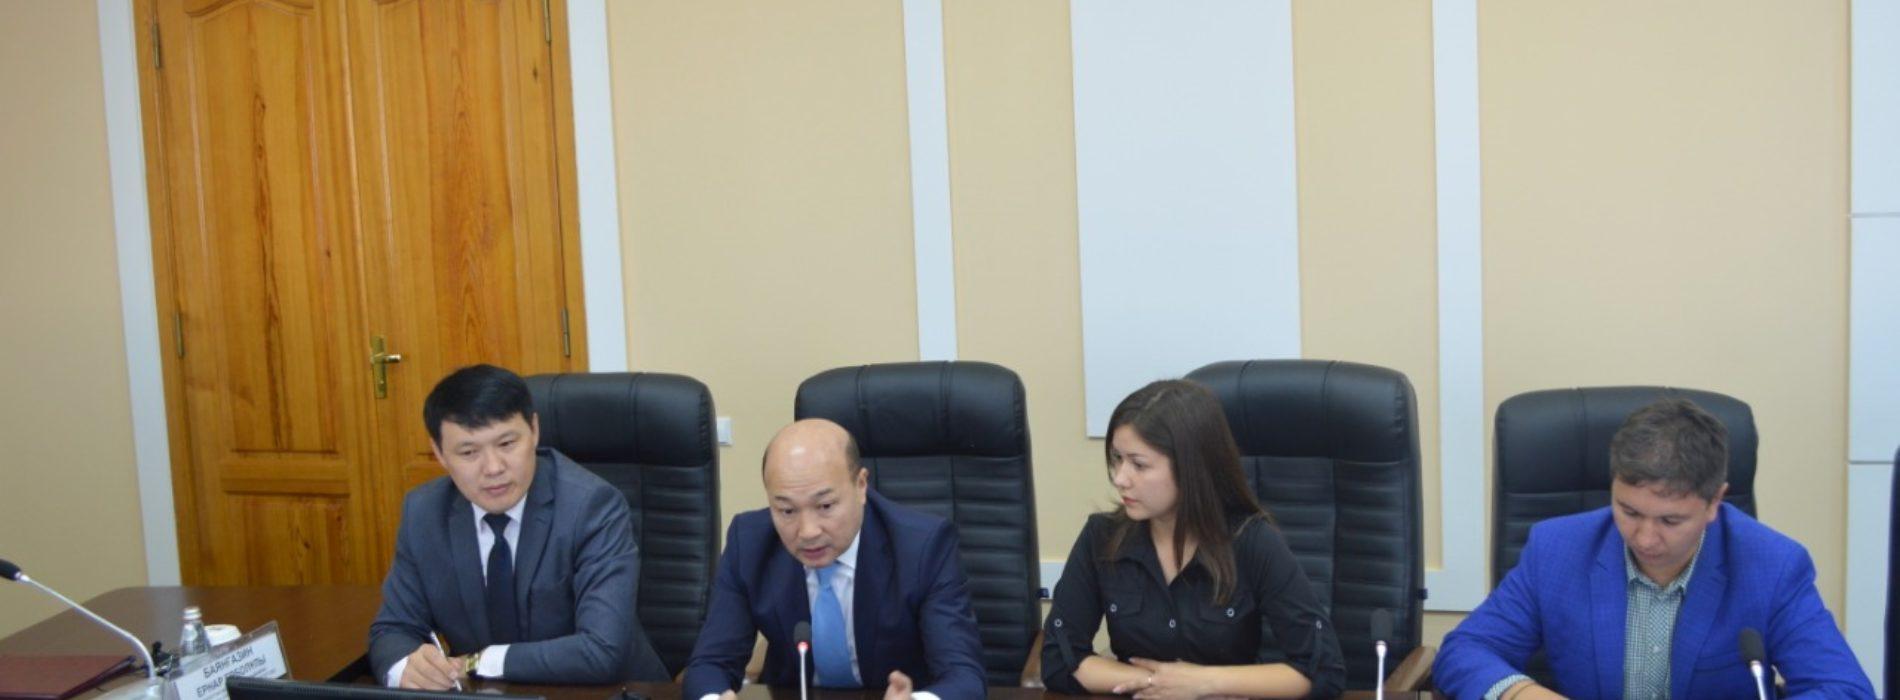 Внедрение проекта «Открытая полиция» поддержал аким г. Петропавловск